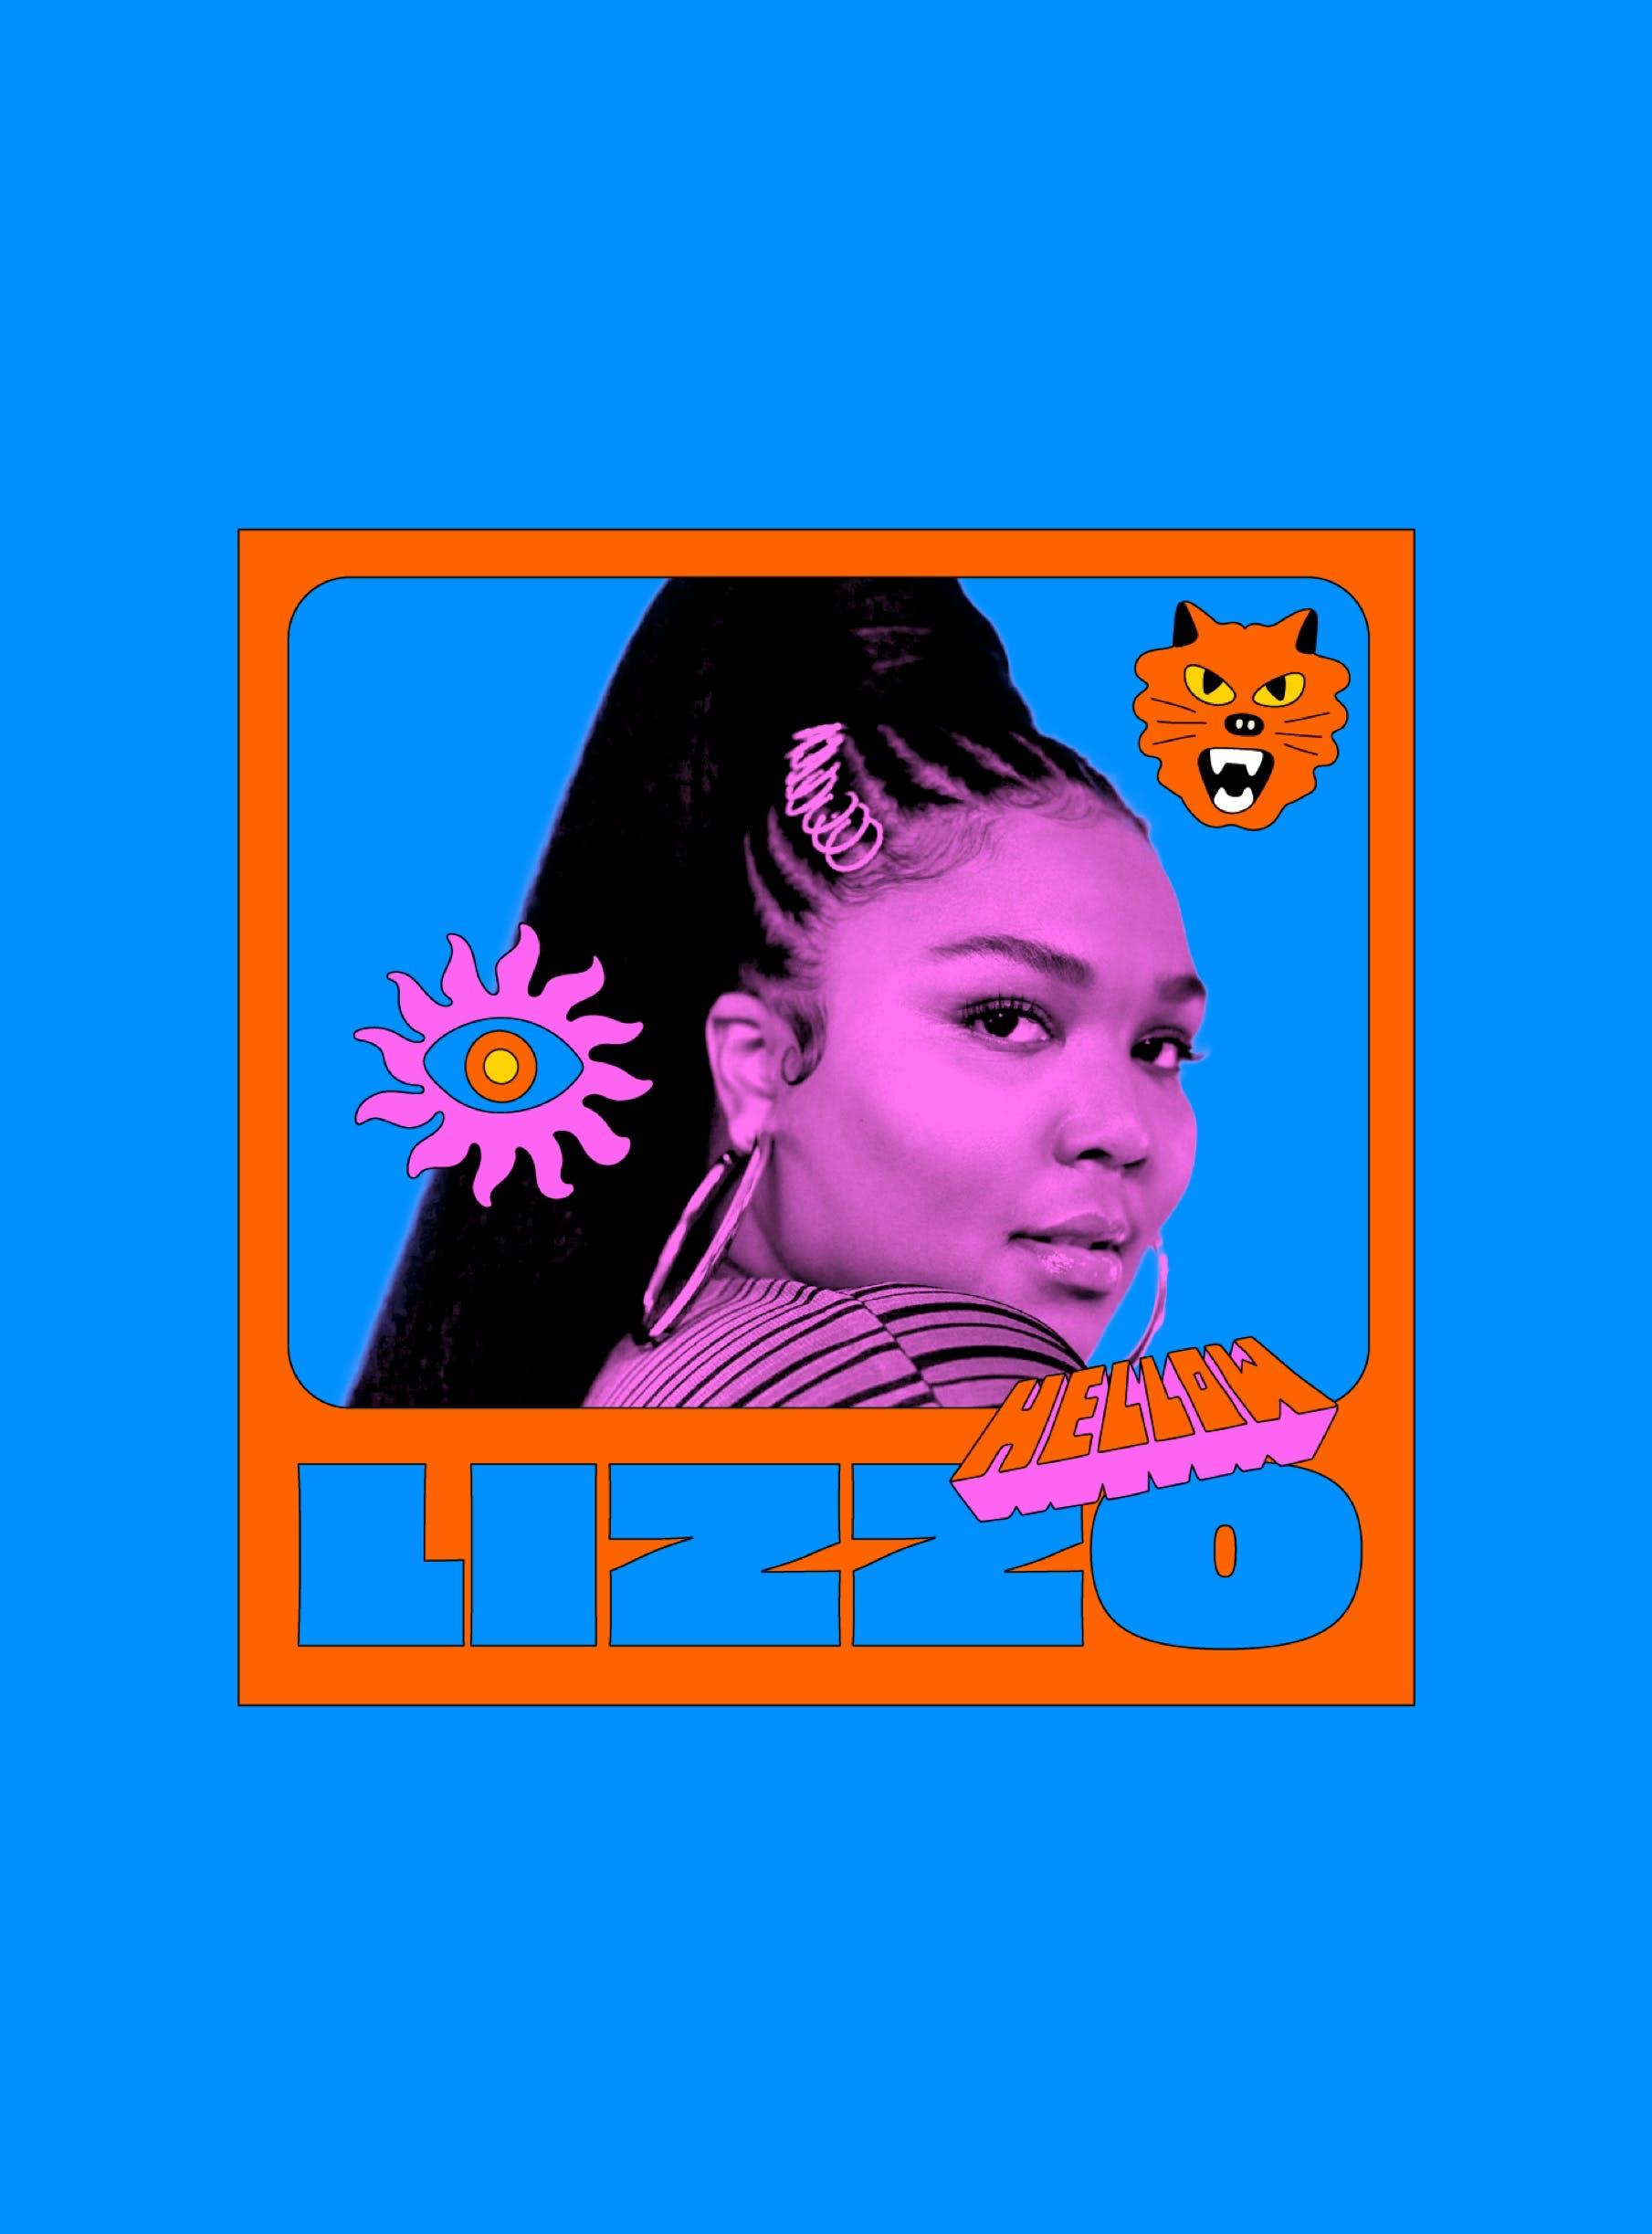 Imagens com figura para promoção de Hellow Festival.